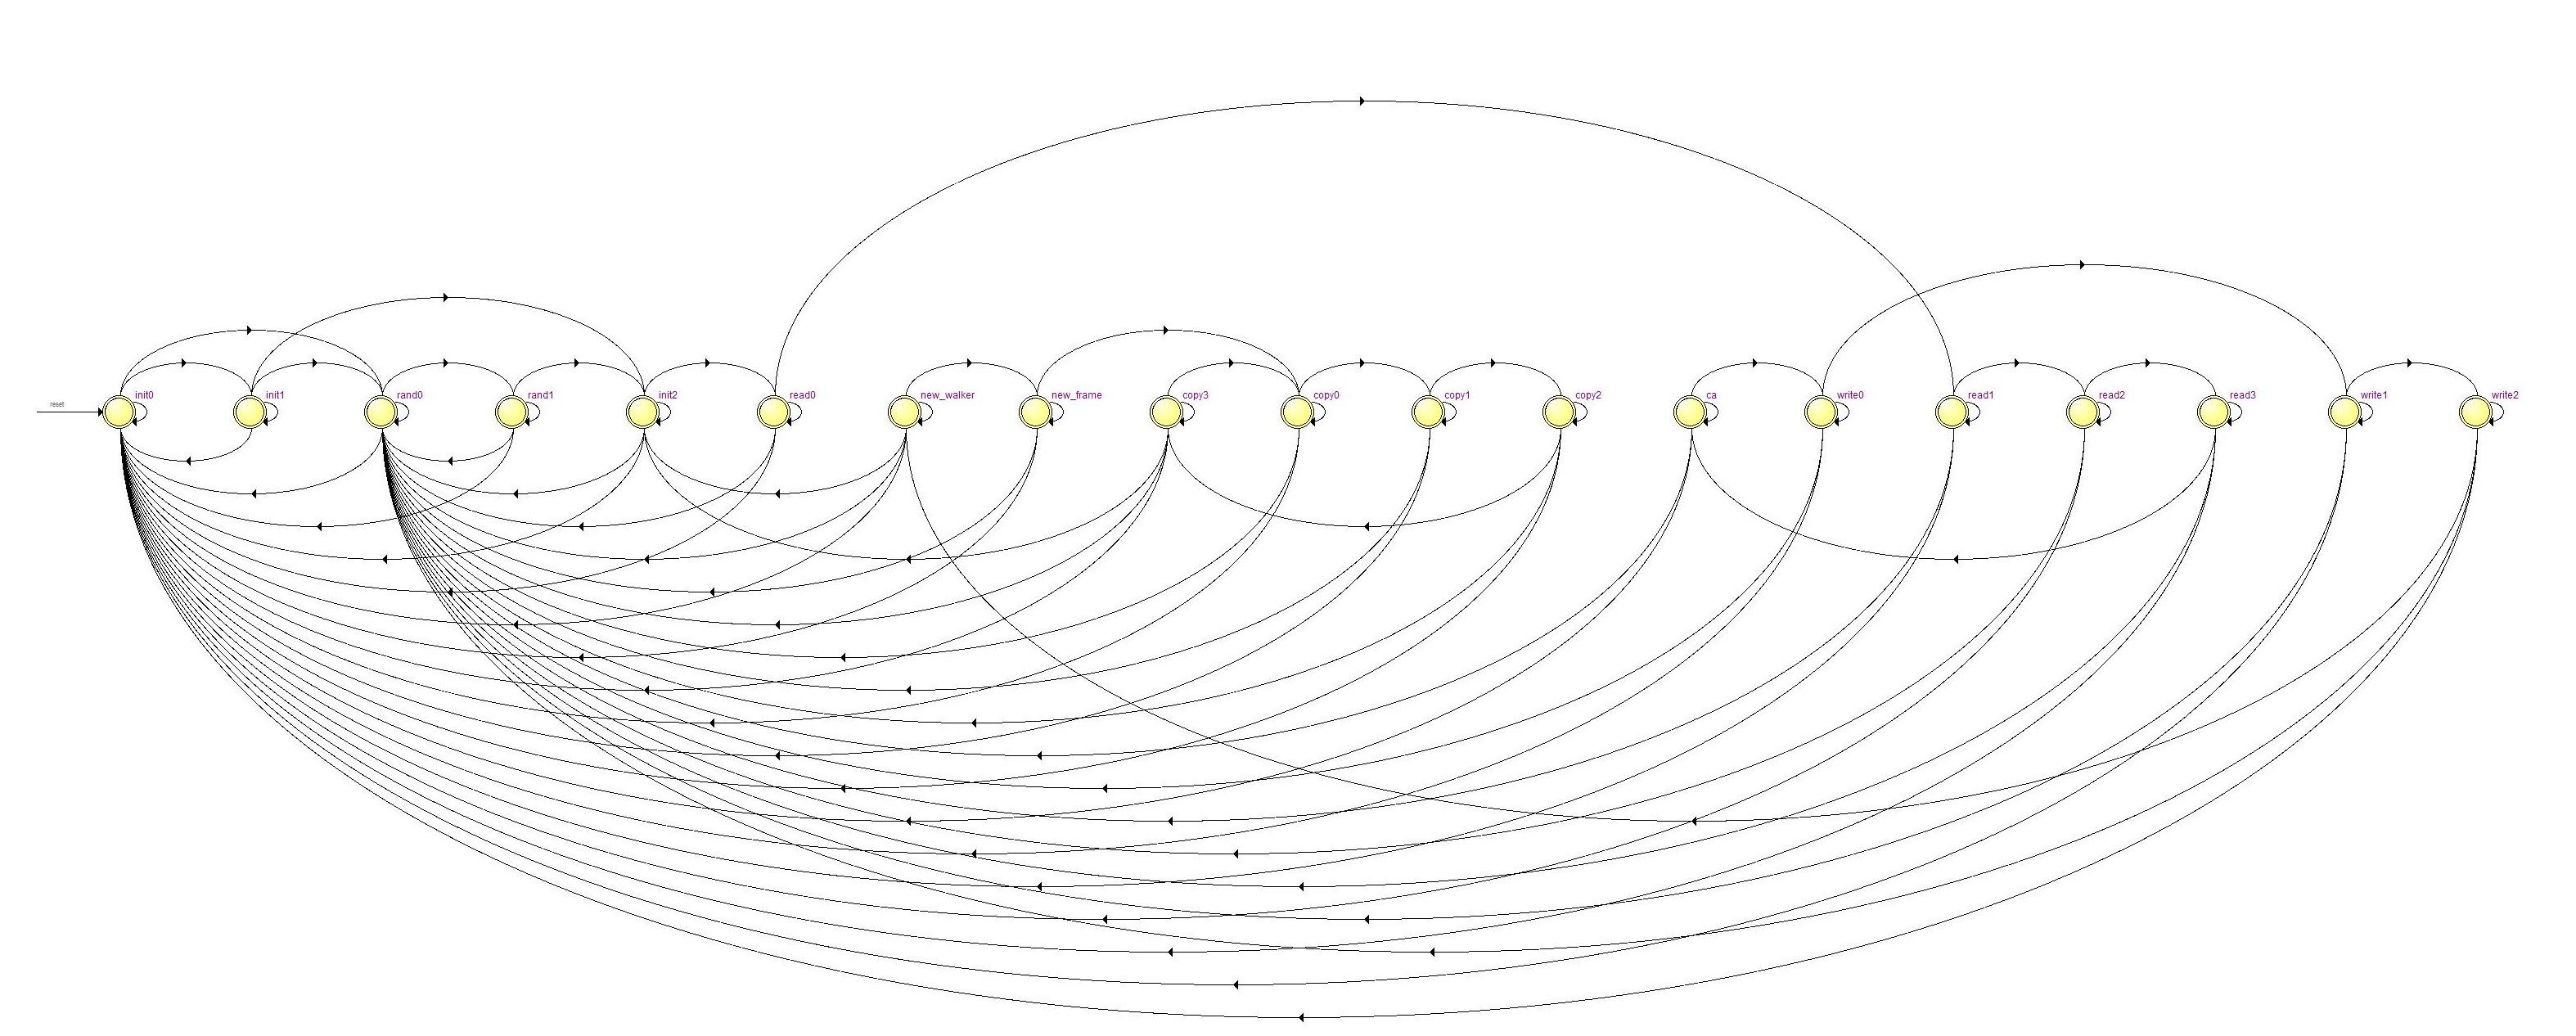 Merlin & Gandalf: 1-Dimensional Cellular Automata